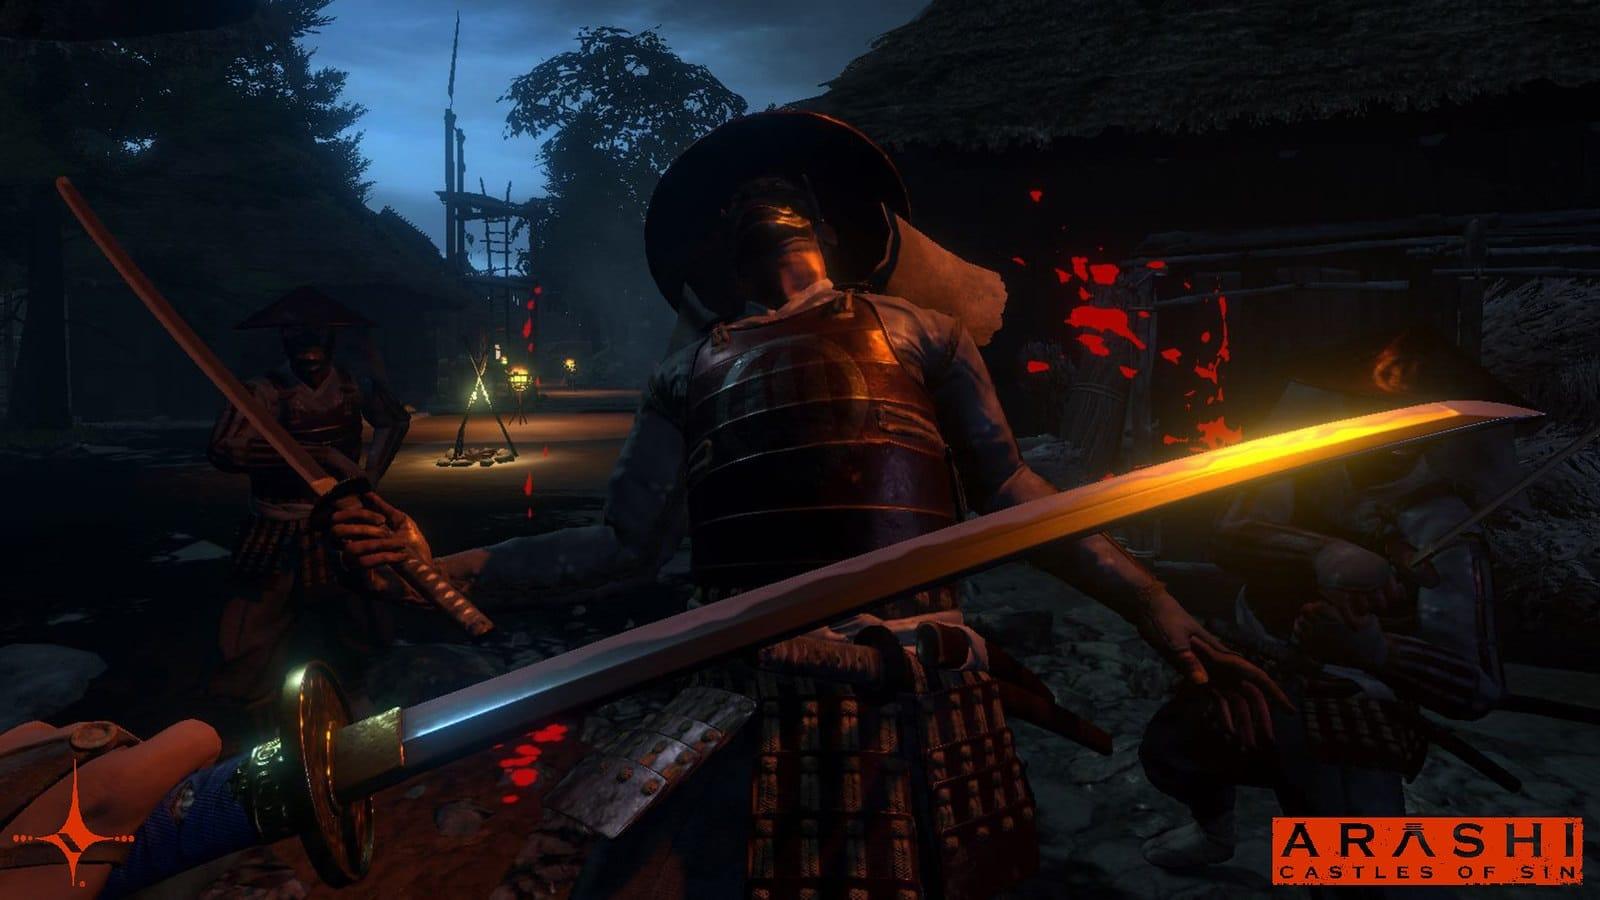 Arashi Dev Wants To Grow Game Beyond PSVR Debut